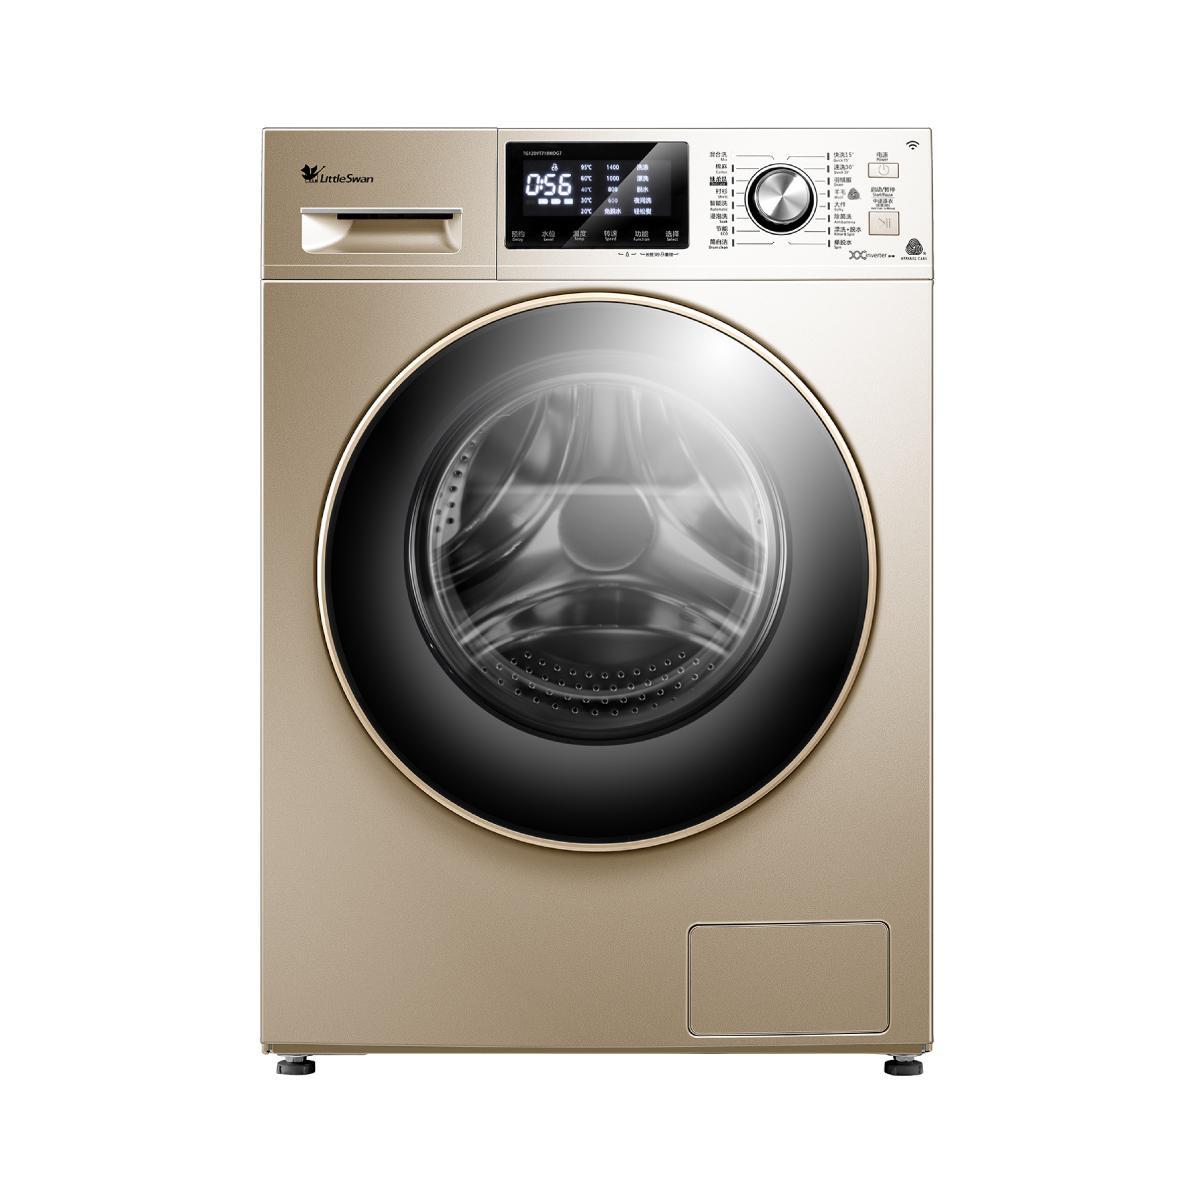 小天鹅12公斤kg全自动变频智能静音滚筒家用洗衣机